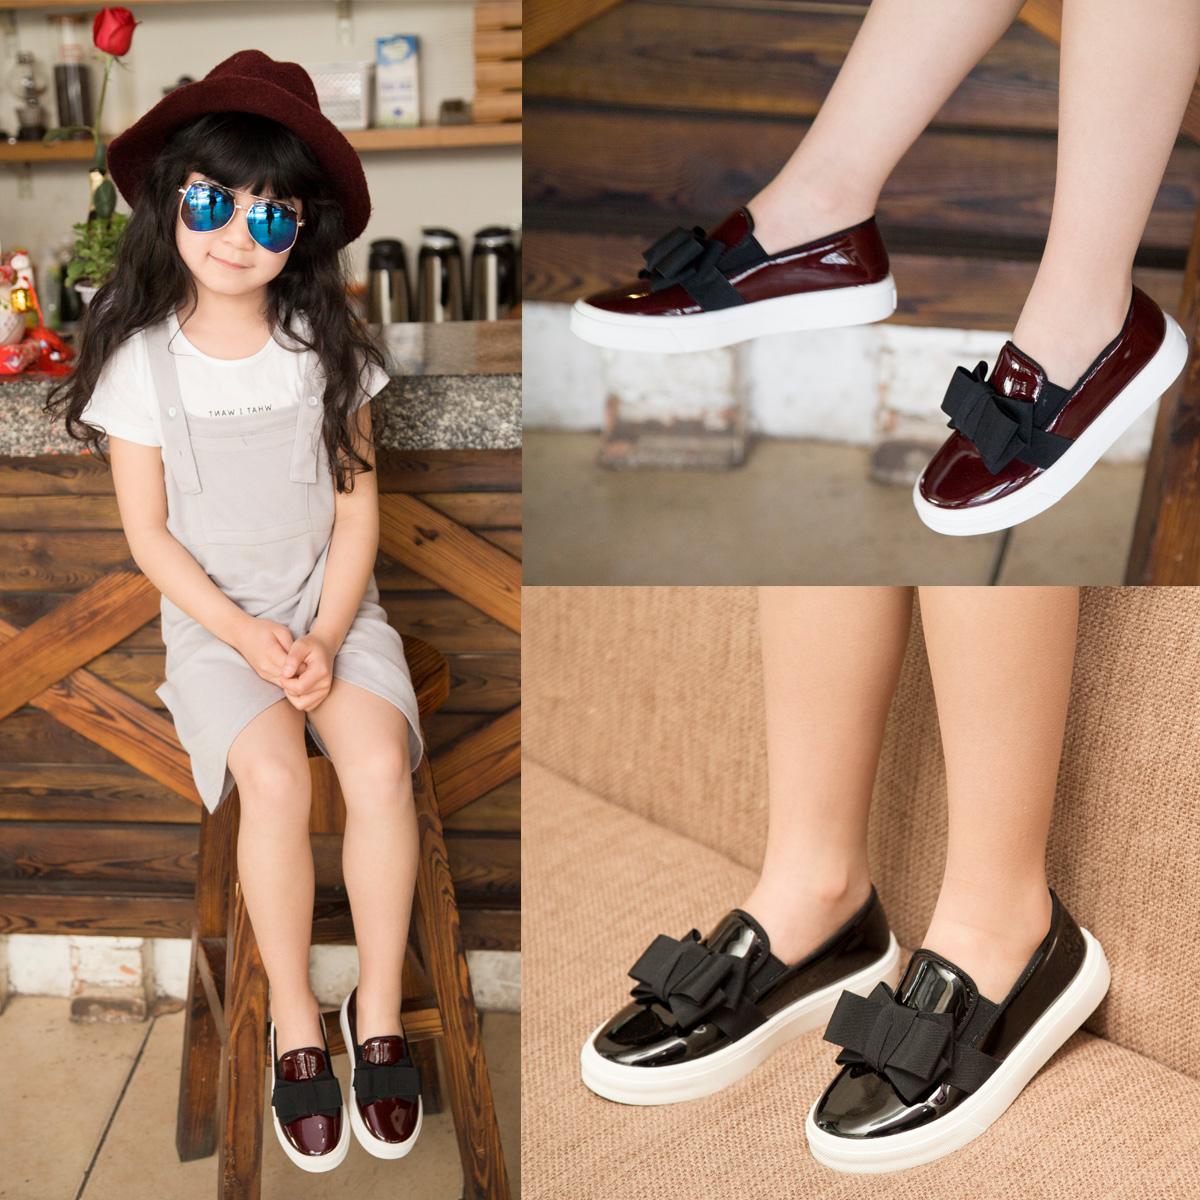 Весенние 2016 новая детская обувь девочек принцесса обувь черный кожаный, корейской версии педали досуг обувь